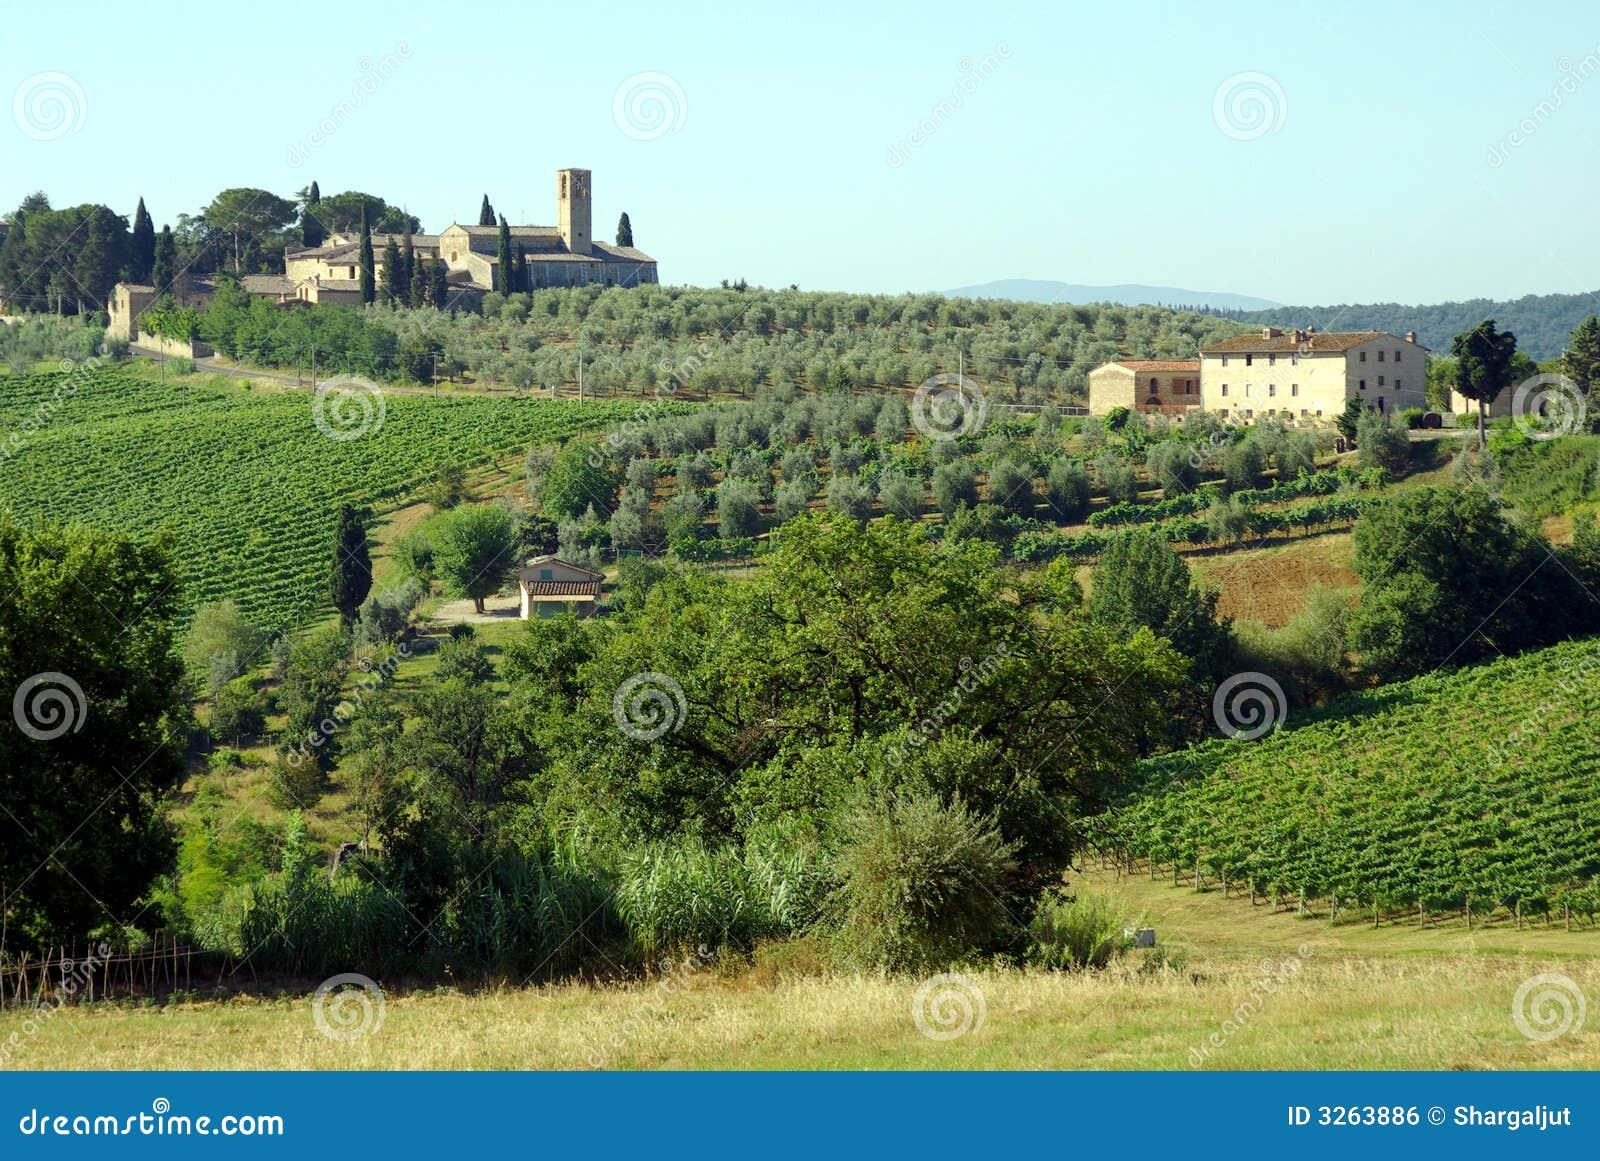 Aziende agricole in Toscana, Italia